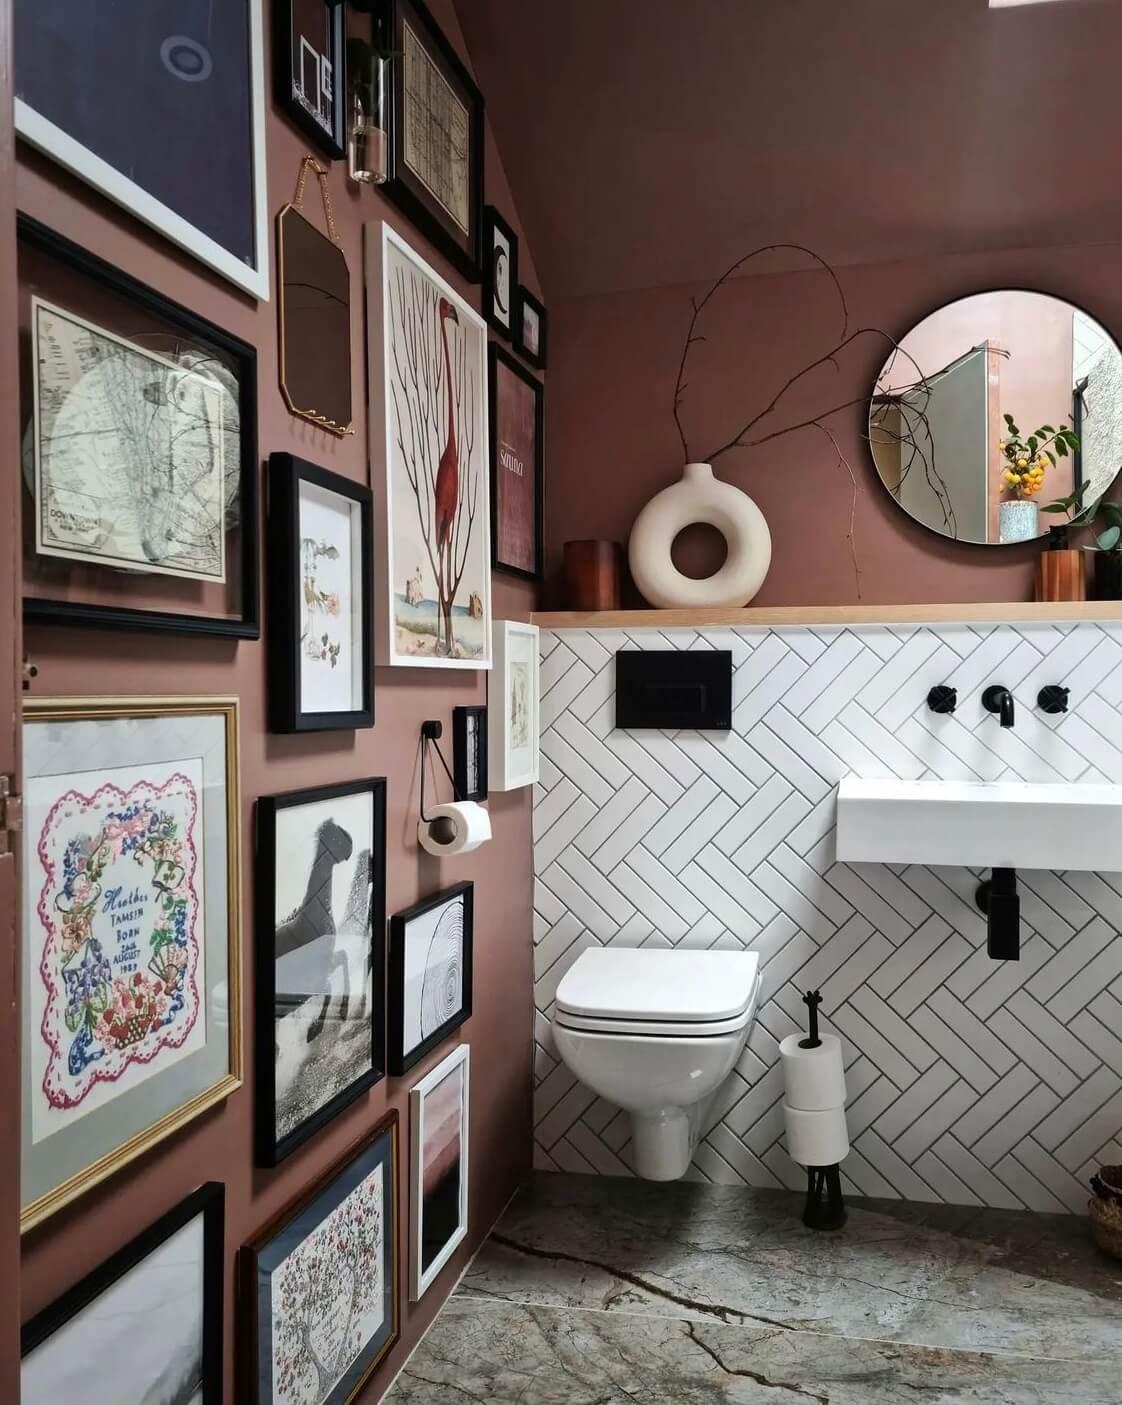 bathroom-gallery-wall-victorian-home-nordroom